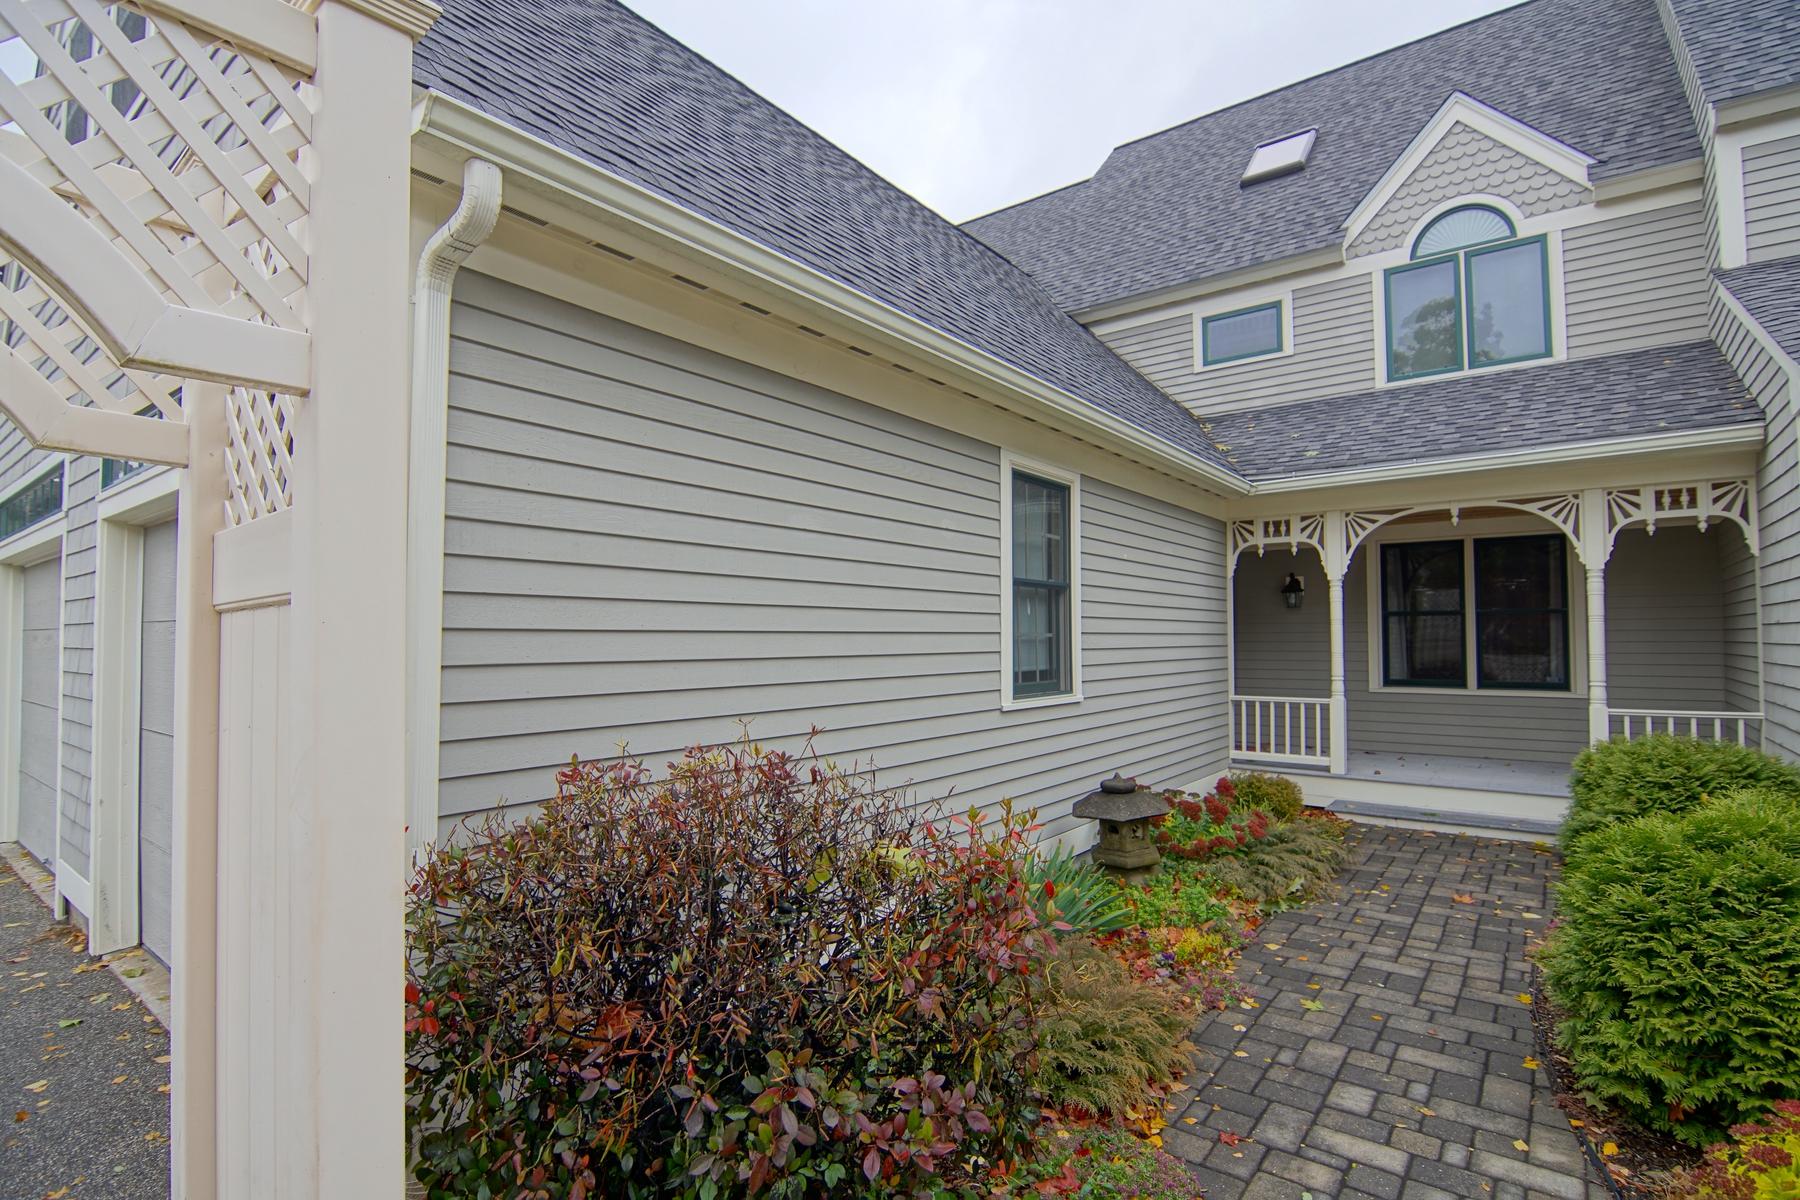 Condominium for Sale at Tidewatch Condominium 579 Sagamore Avenue Unit 76 Portsmouth, New Hampshire 03801 United States